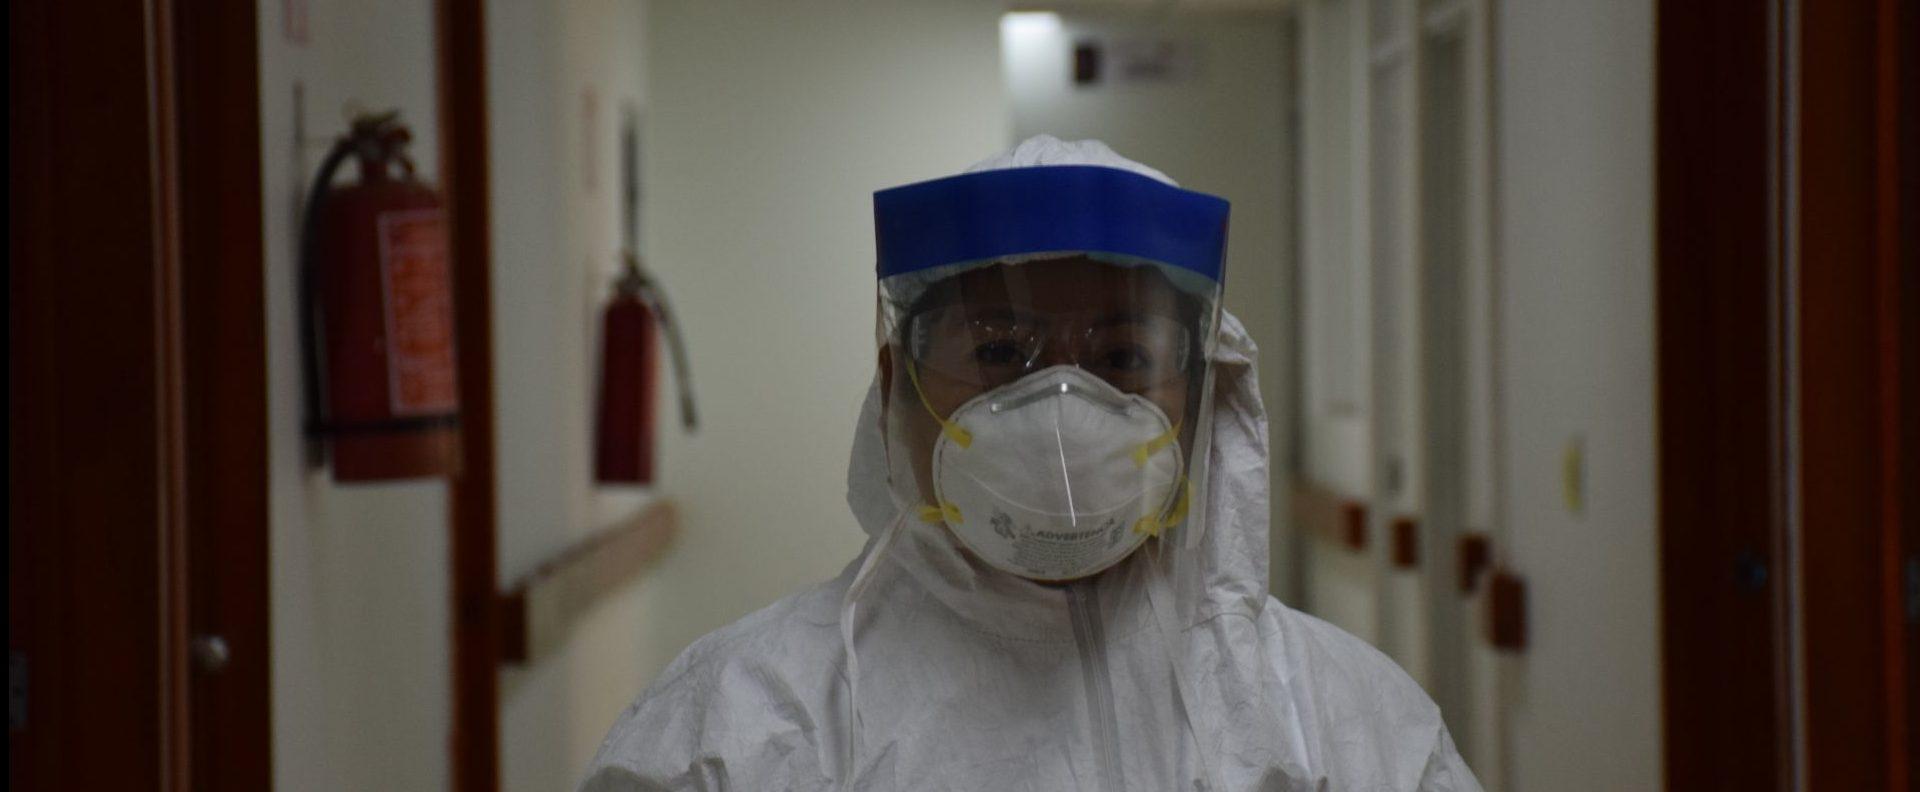 COVID-19: Aíslan a 11 trabajadores del IMSS que tuvieron contacto con persona mal diagnosticada (Nuevo León)